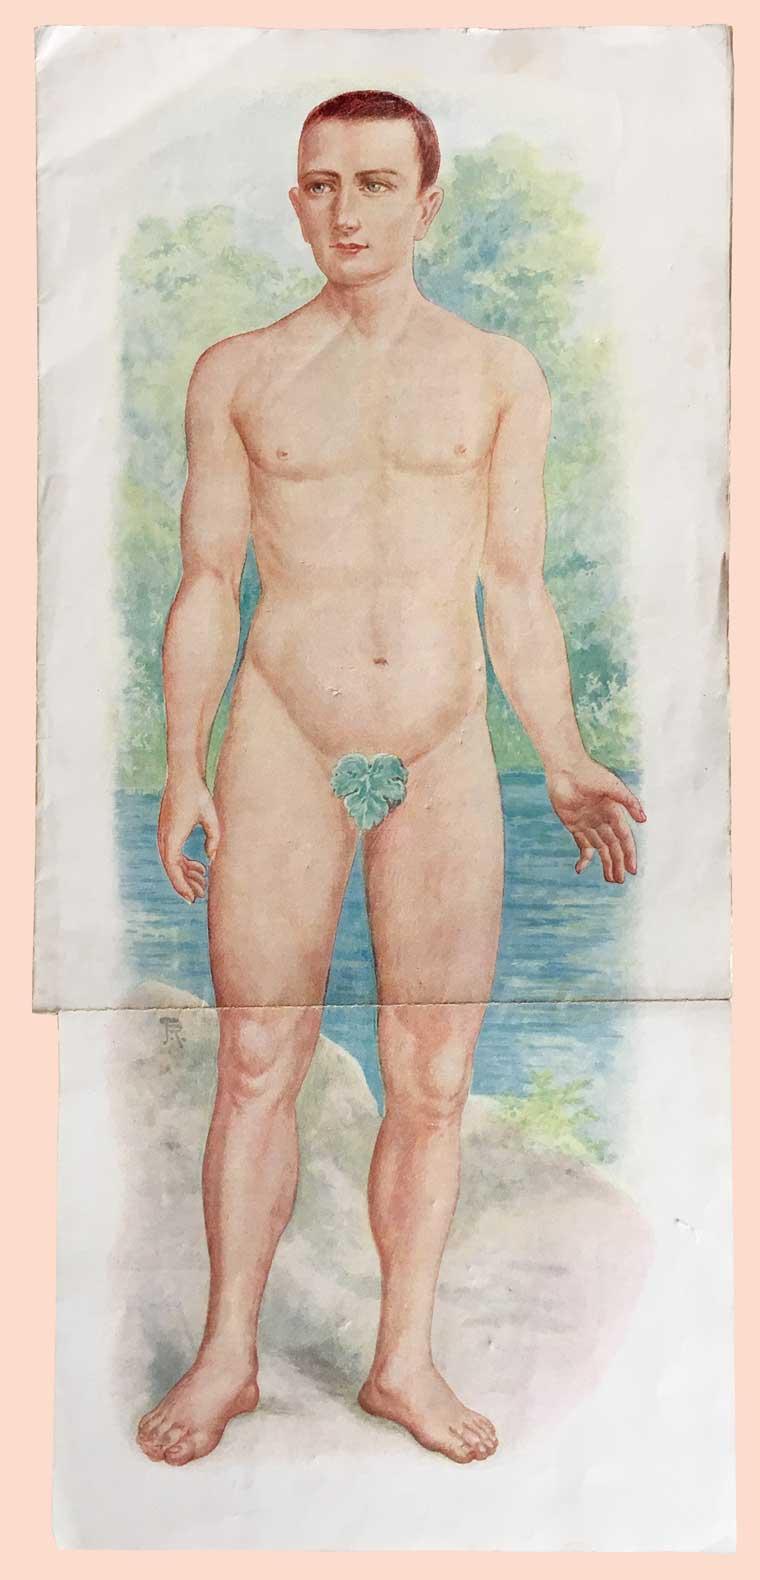 Quelle: Jenny Springer, Die Ärztin im Hause. Dresdner Verlagshandlung M.O.Groh, ca. 1910